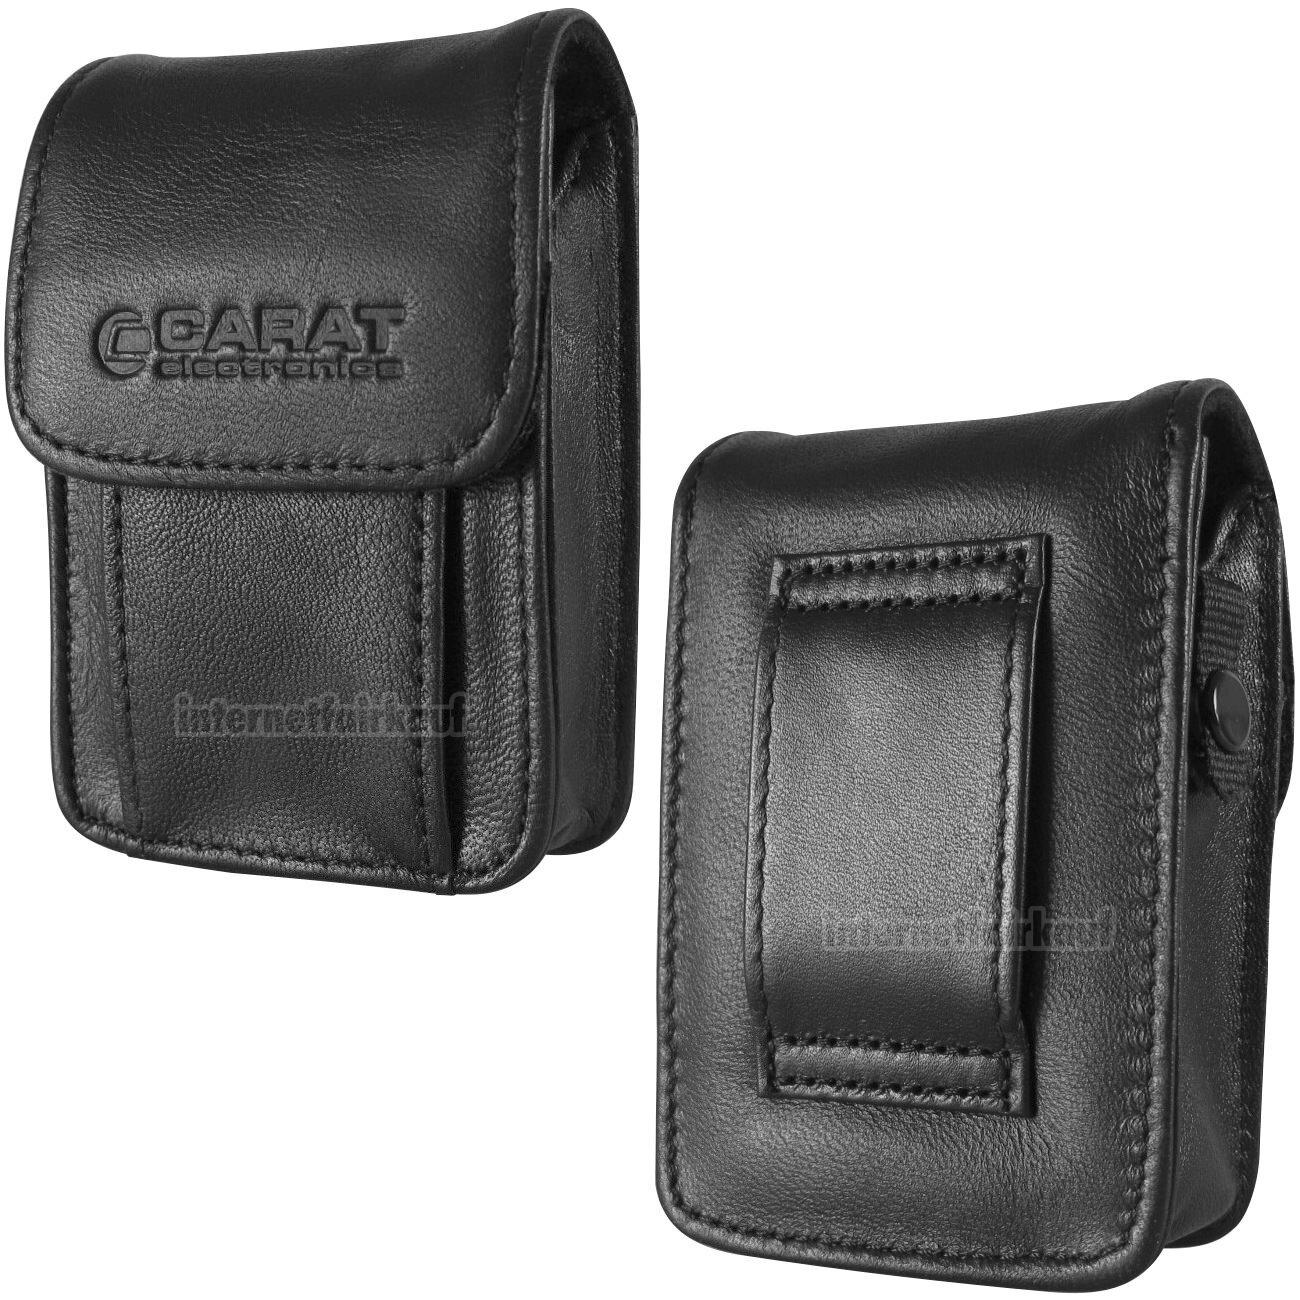 Tasche Kameratasche passend für Nikon Coolpix S6500 S6600 - Leder Etui